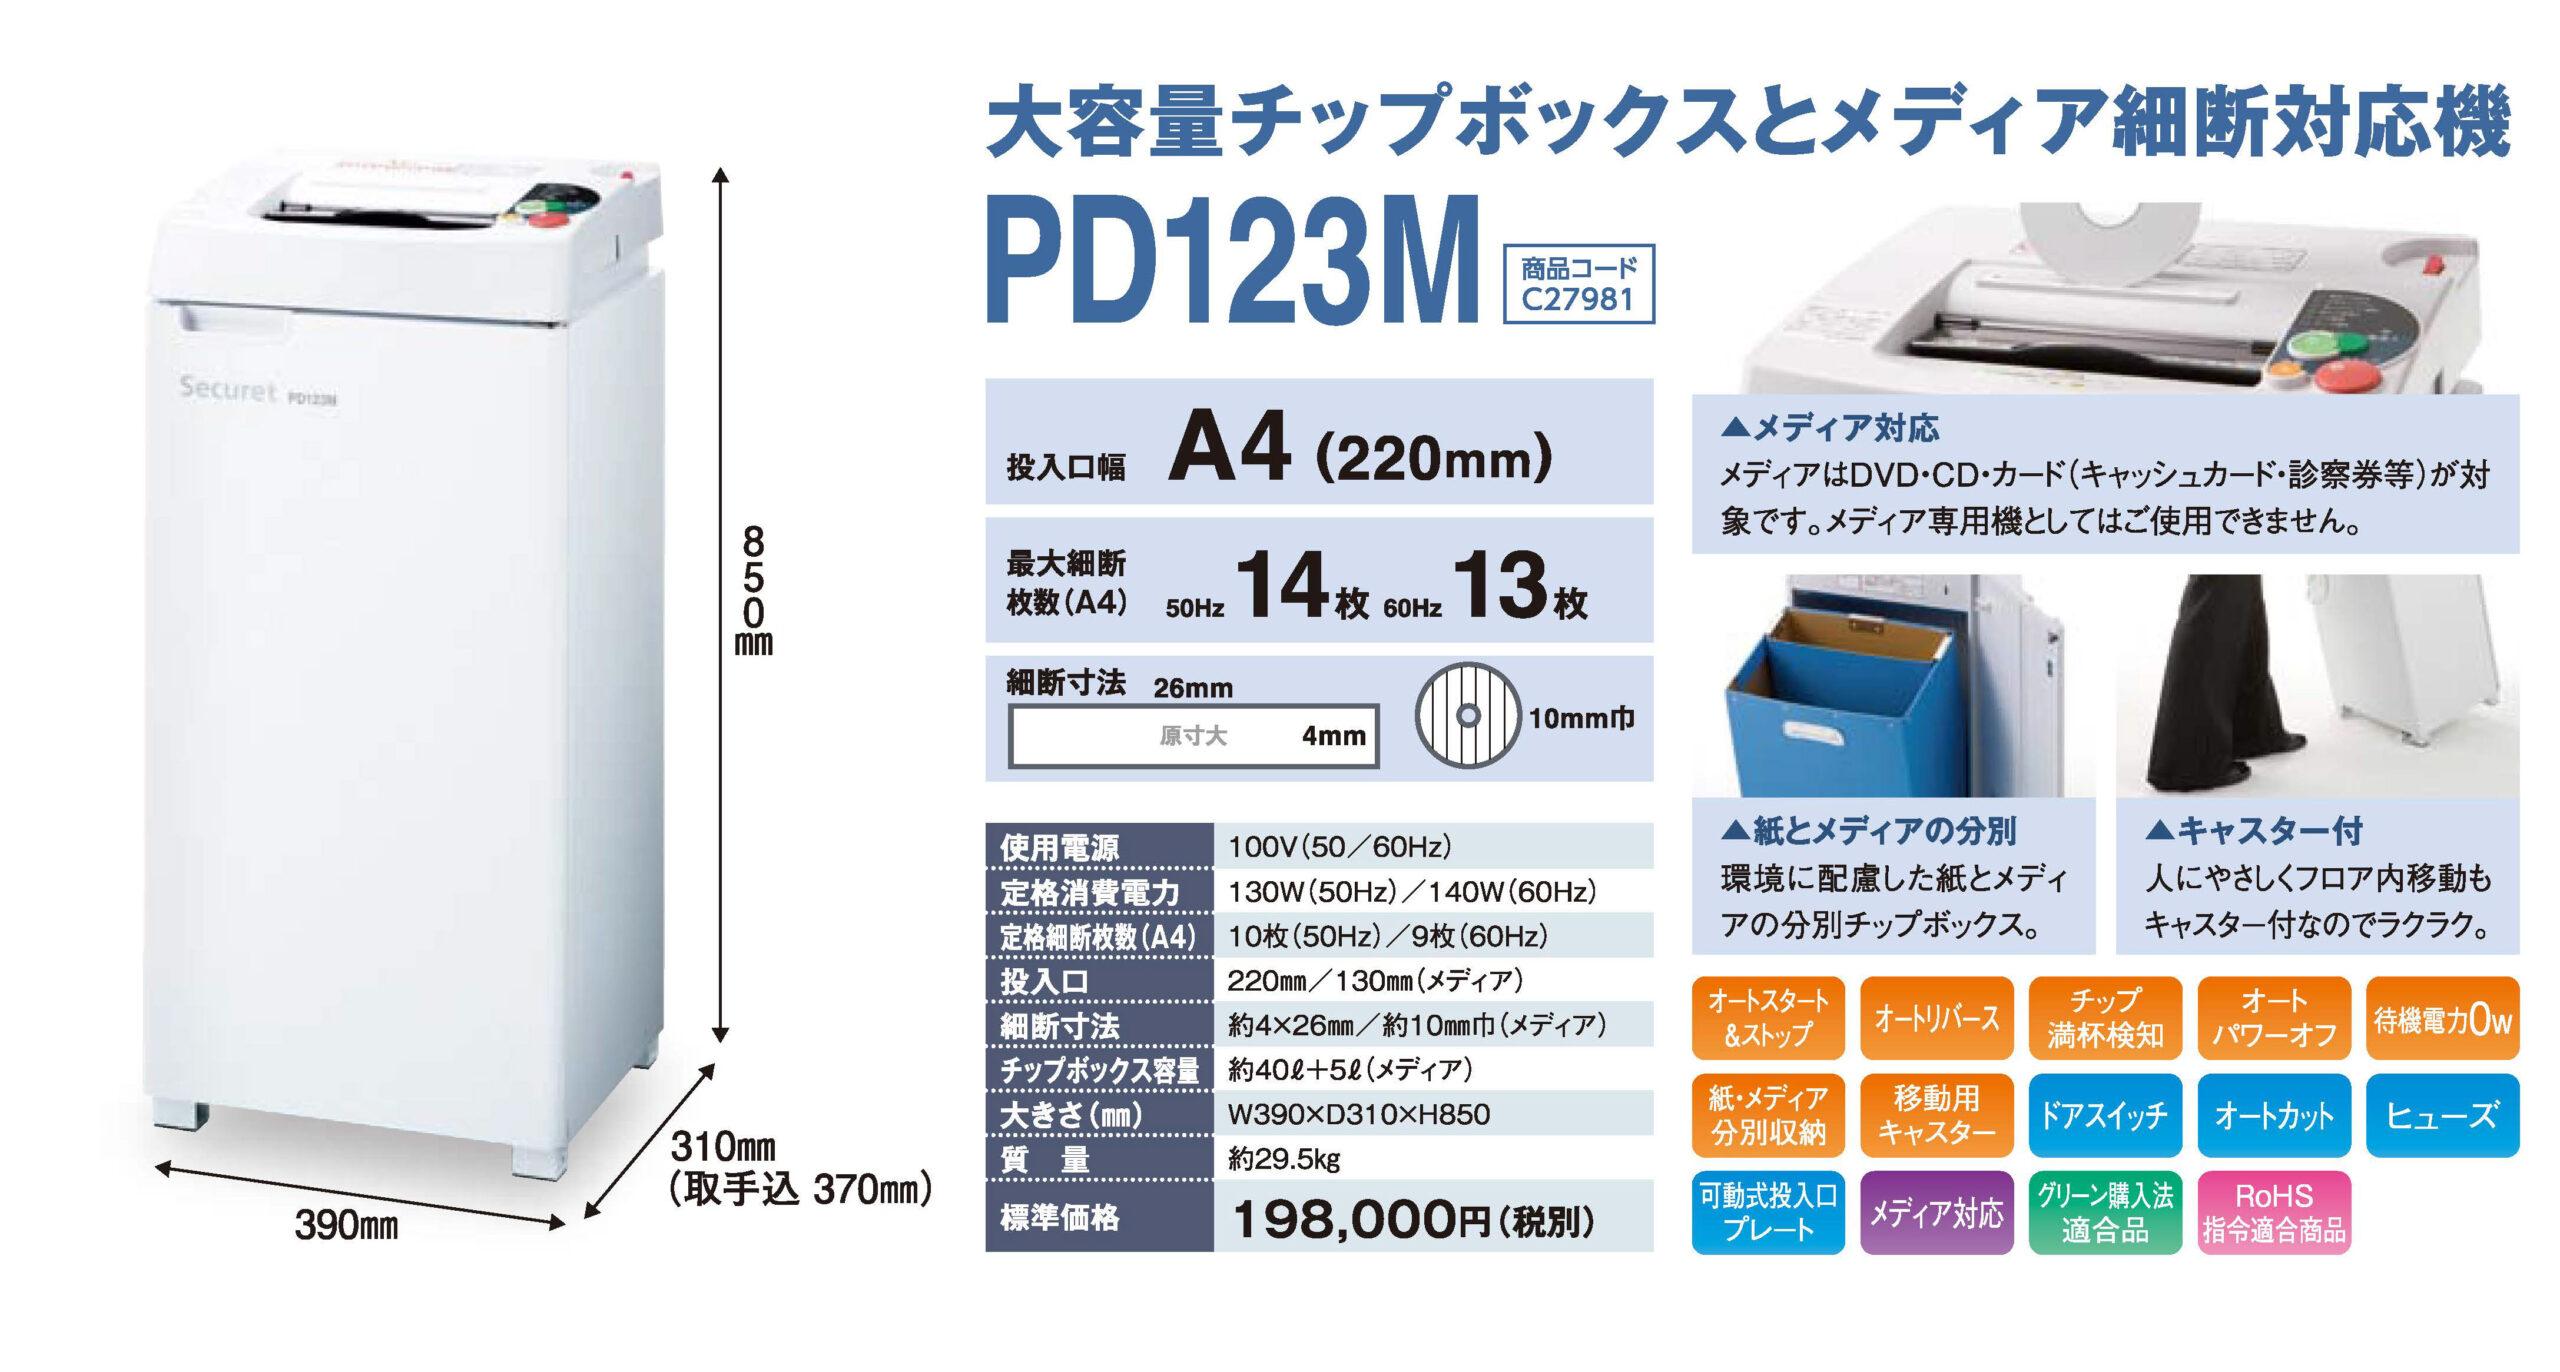 石澤製作所 セキュレットシュレッダPD123M